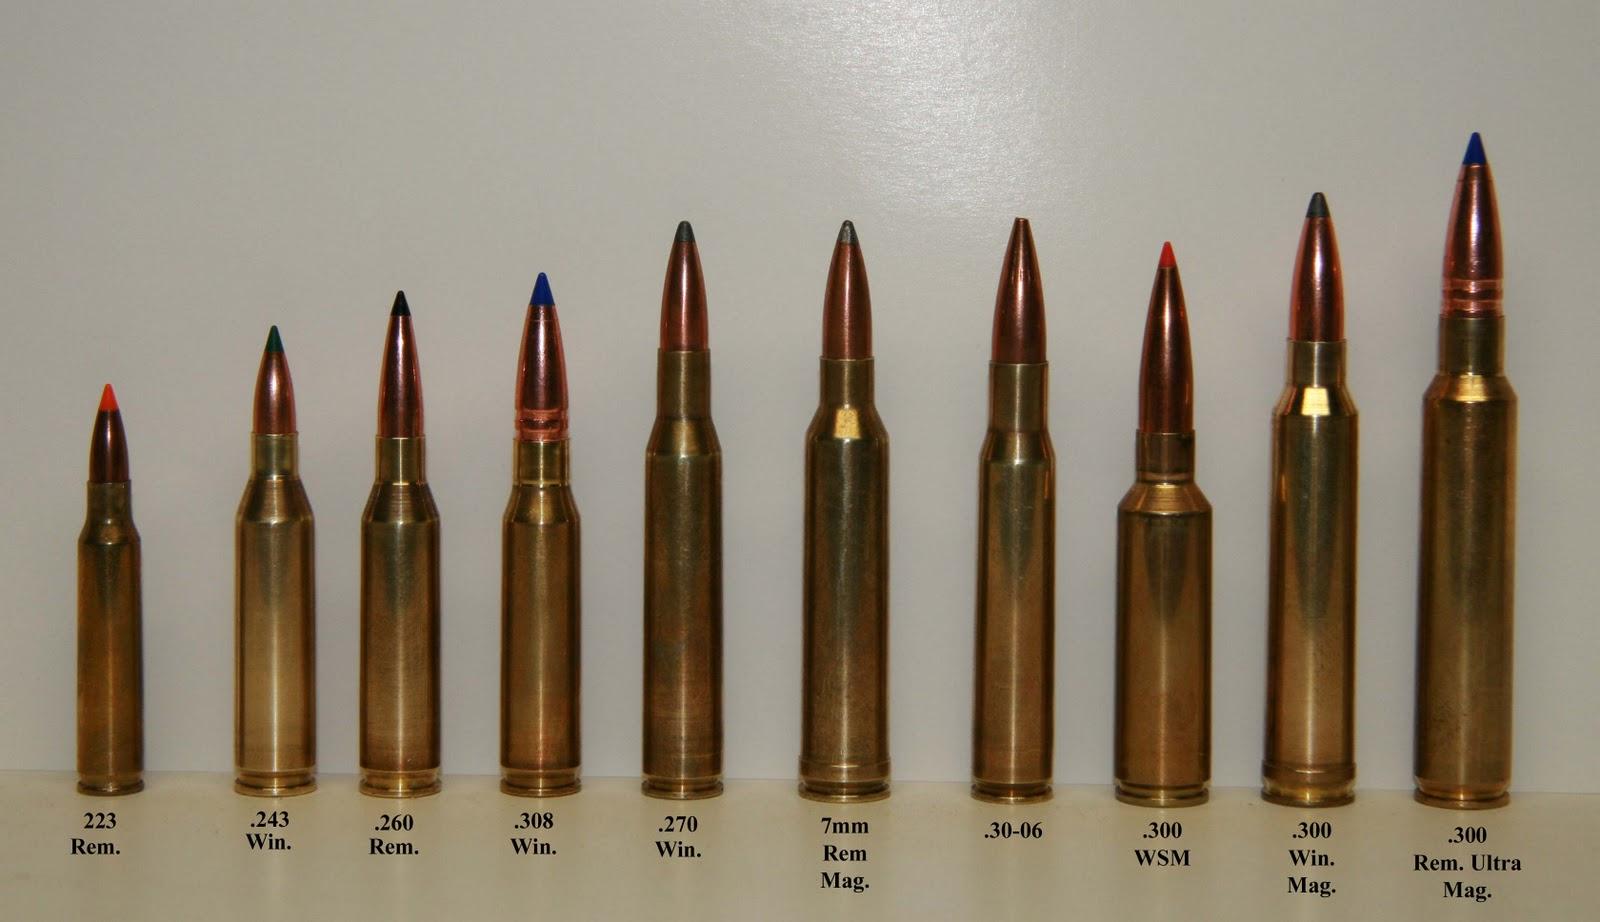 d508f5fab19 Le .223 a gauche est basiquement de la même taille que le calibre de  l AK...comparé au .30-06 ou au .270 de la plupart des fusils de chasse